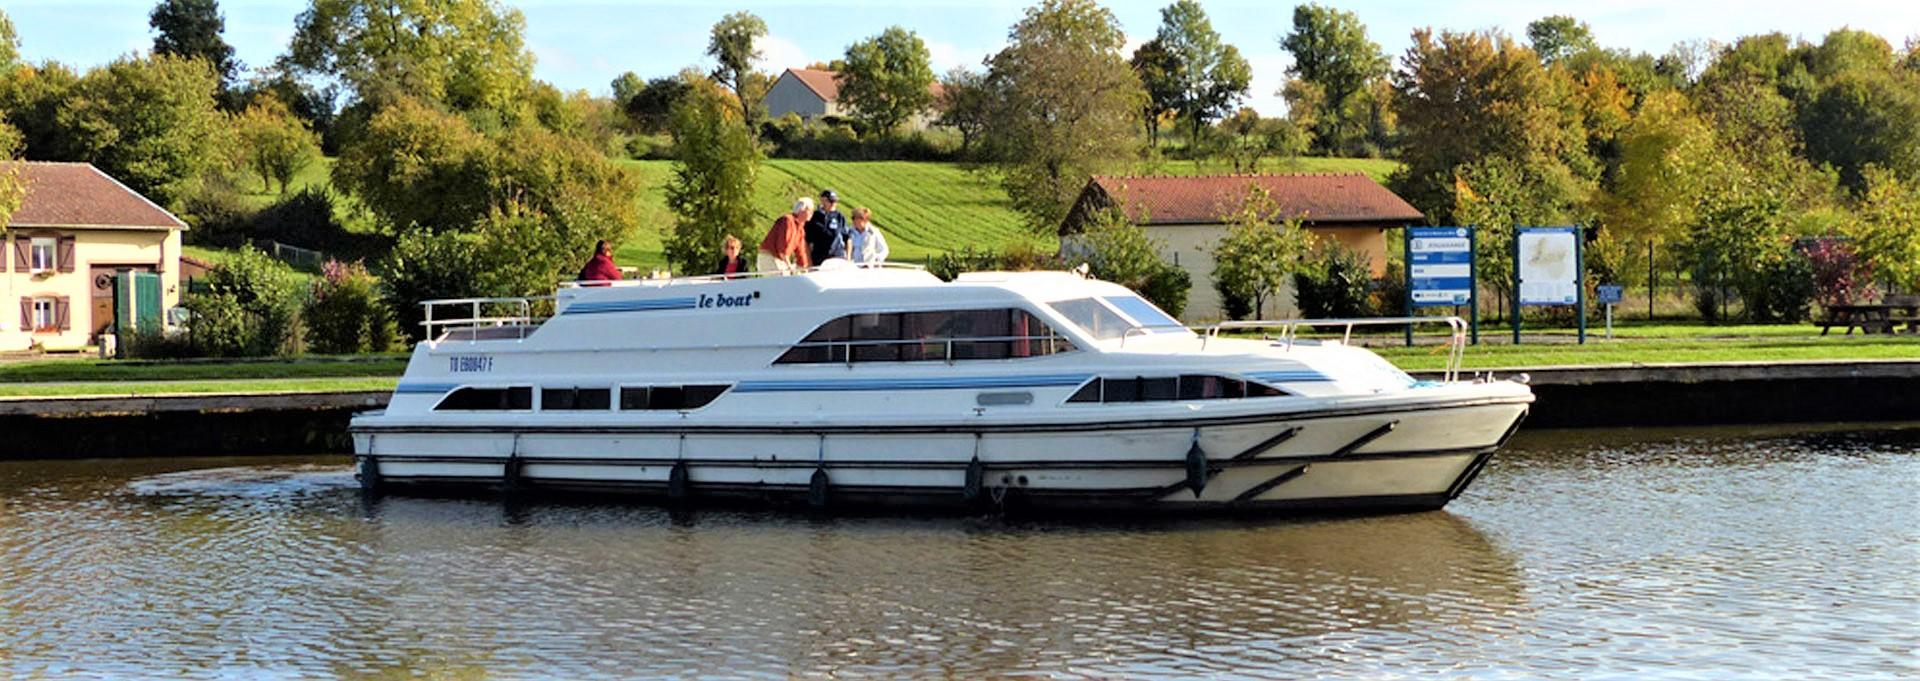 Hausboot Leboat Grand Classique